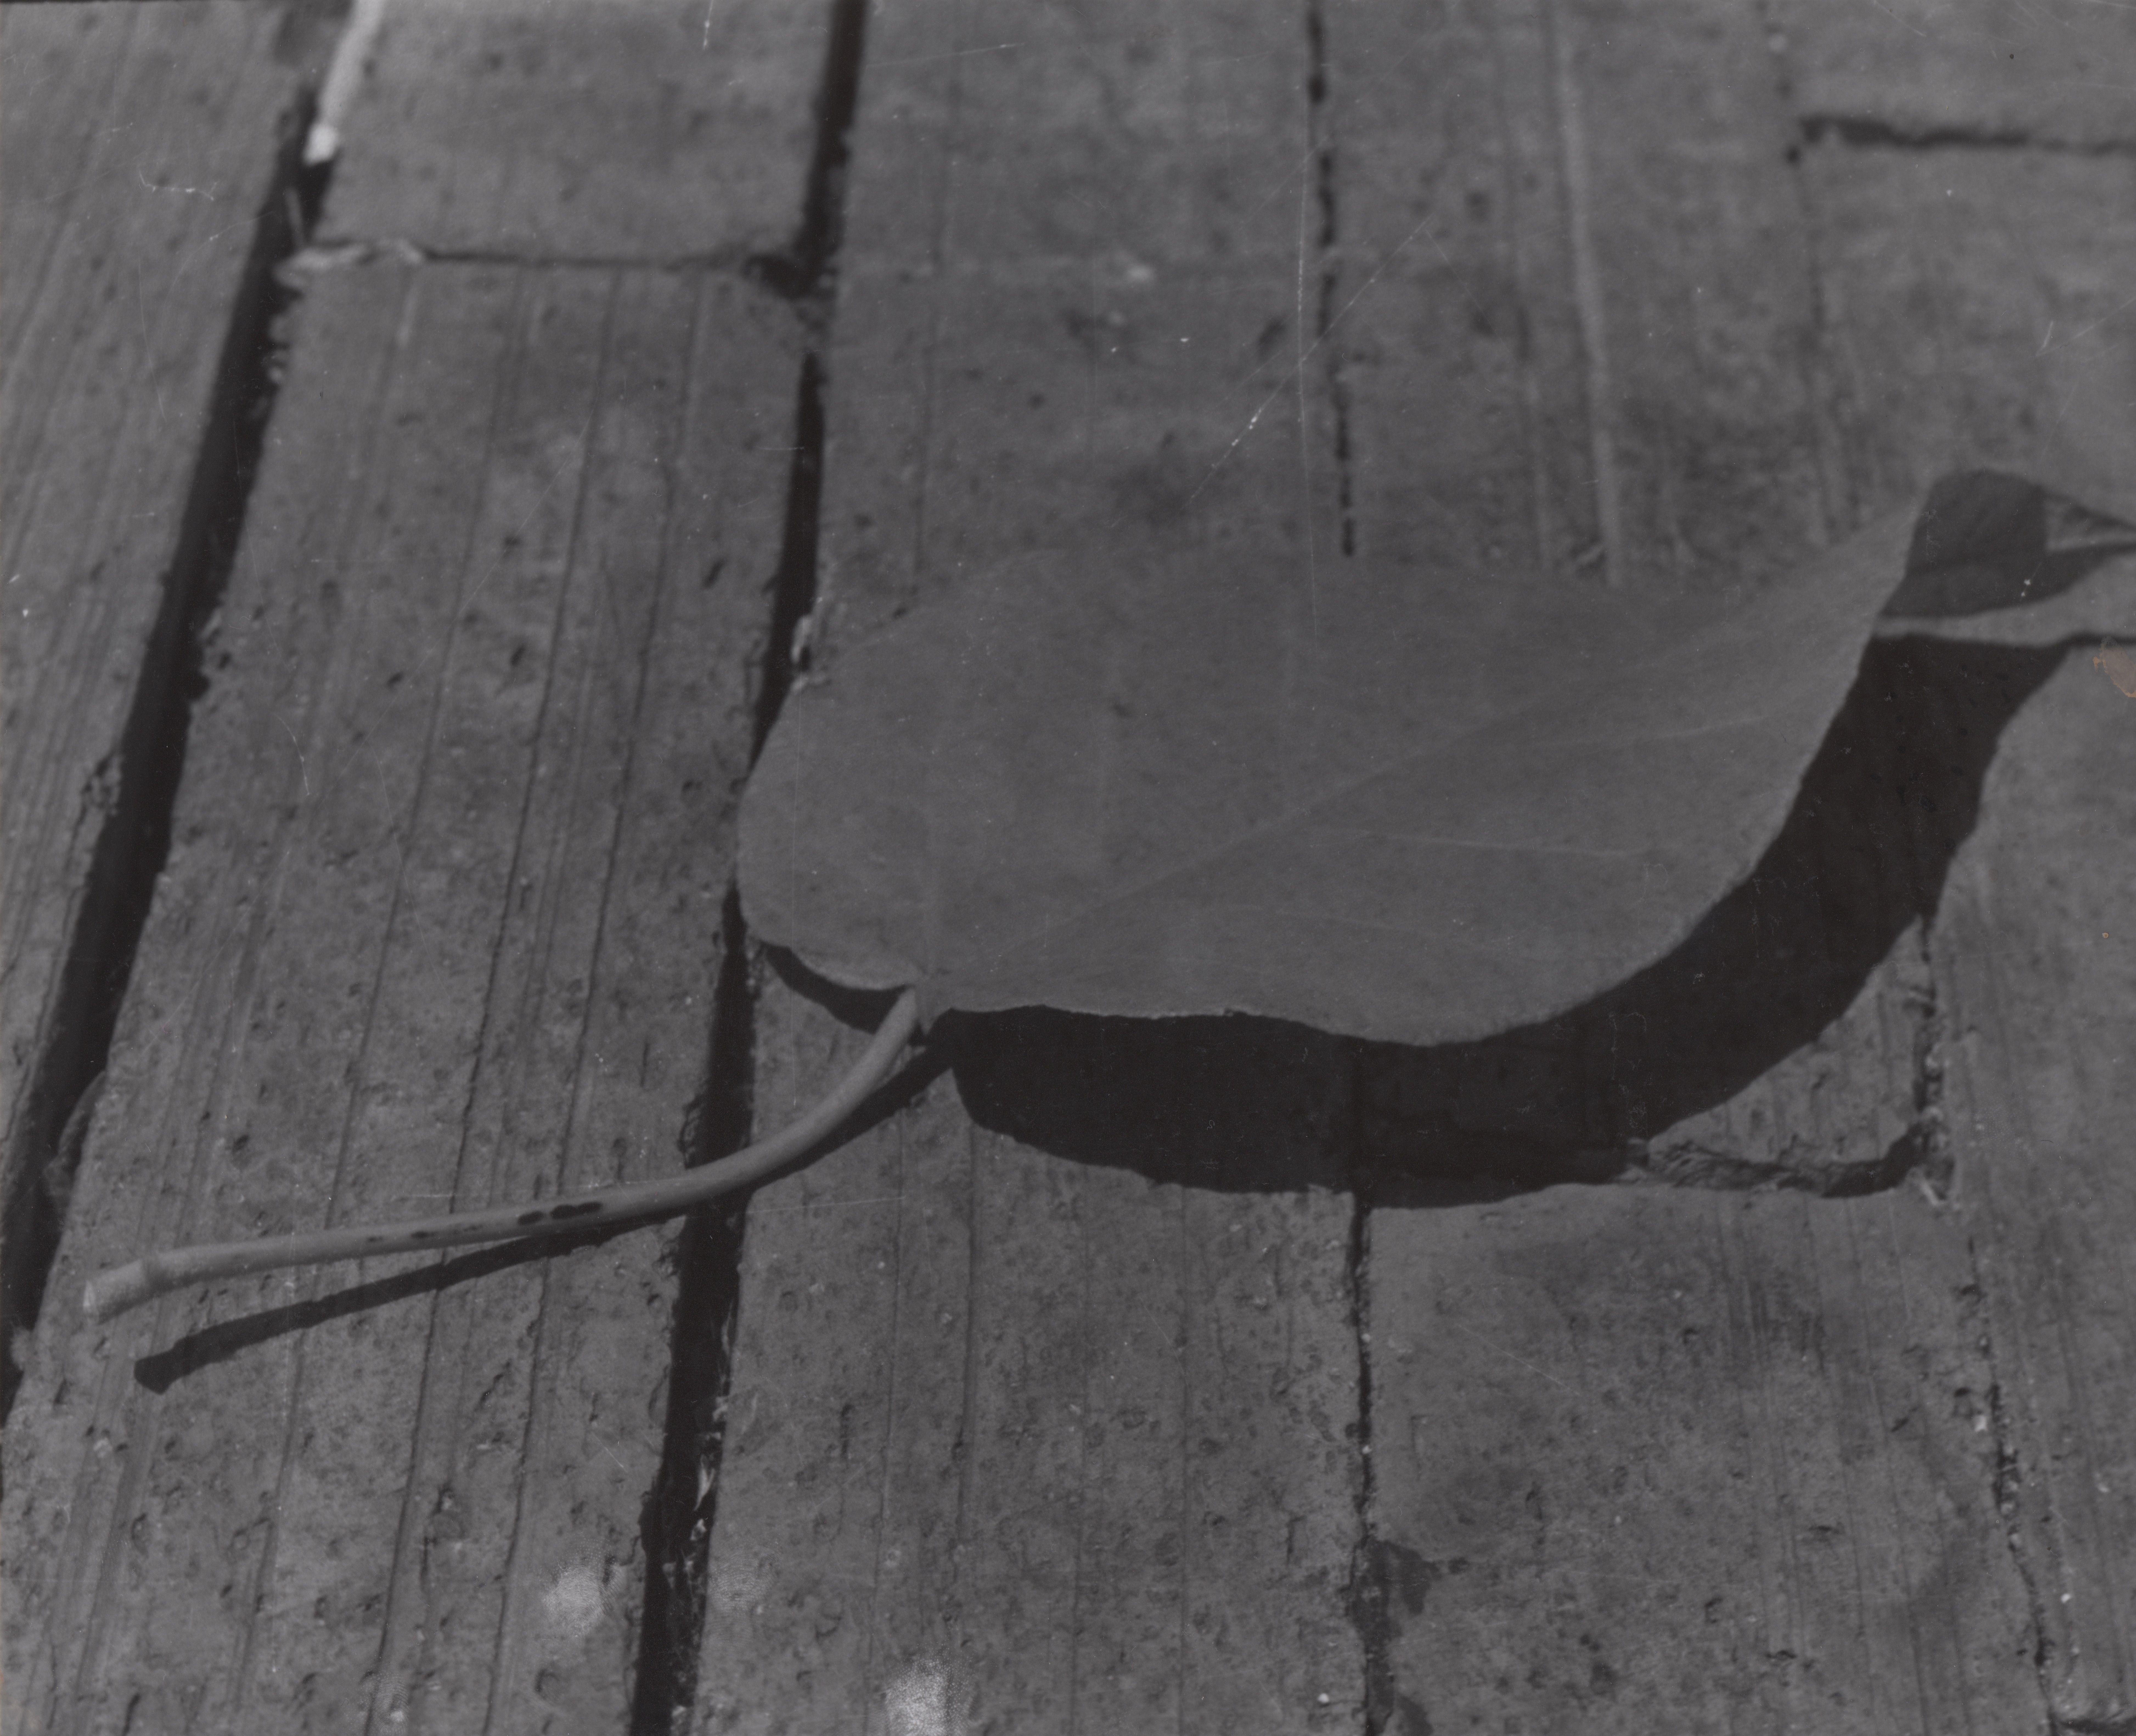 Foto hoja con sombra a blanco y negro con cámara analoga